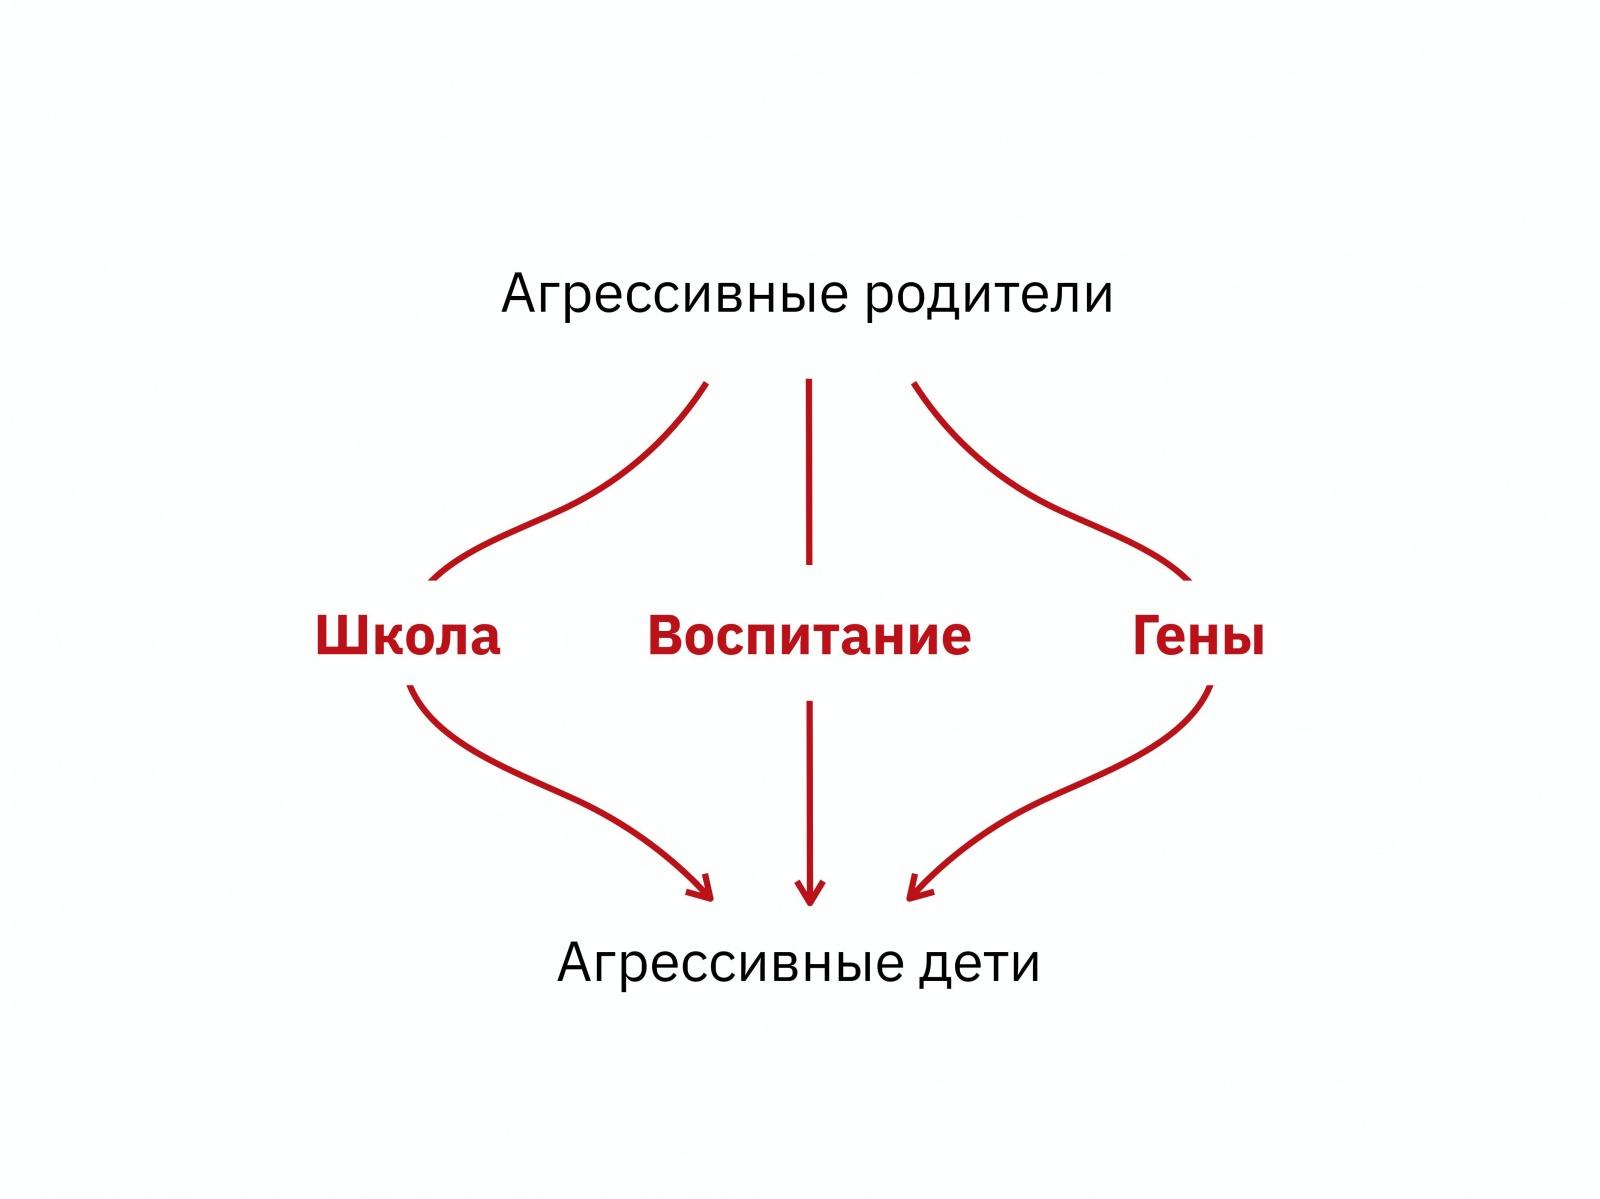 Алексей Каптерев: Критическое мышление 101 (часть 2) - 57